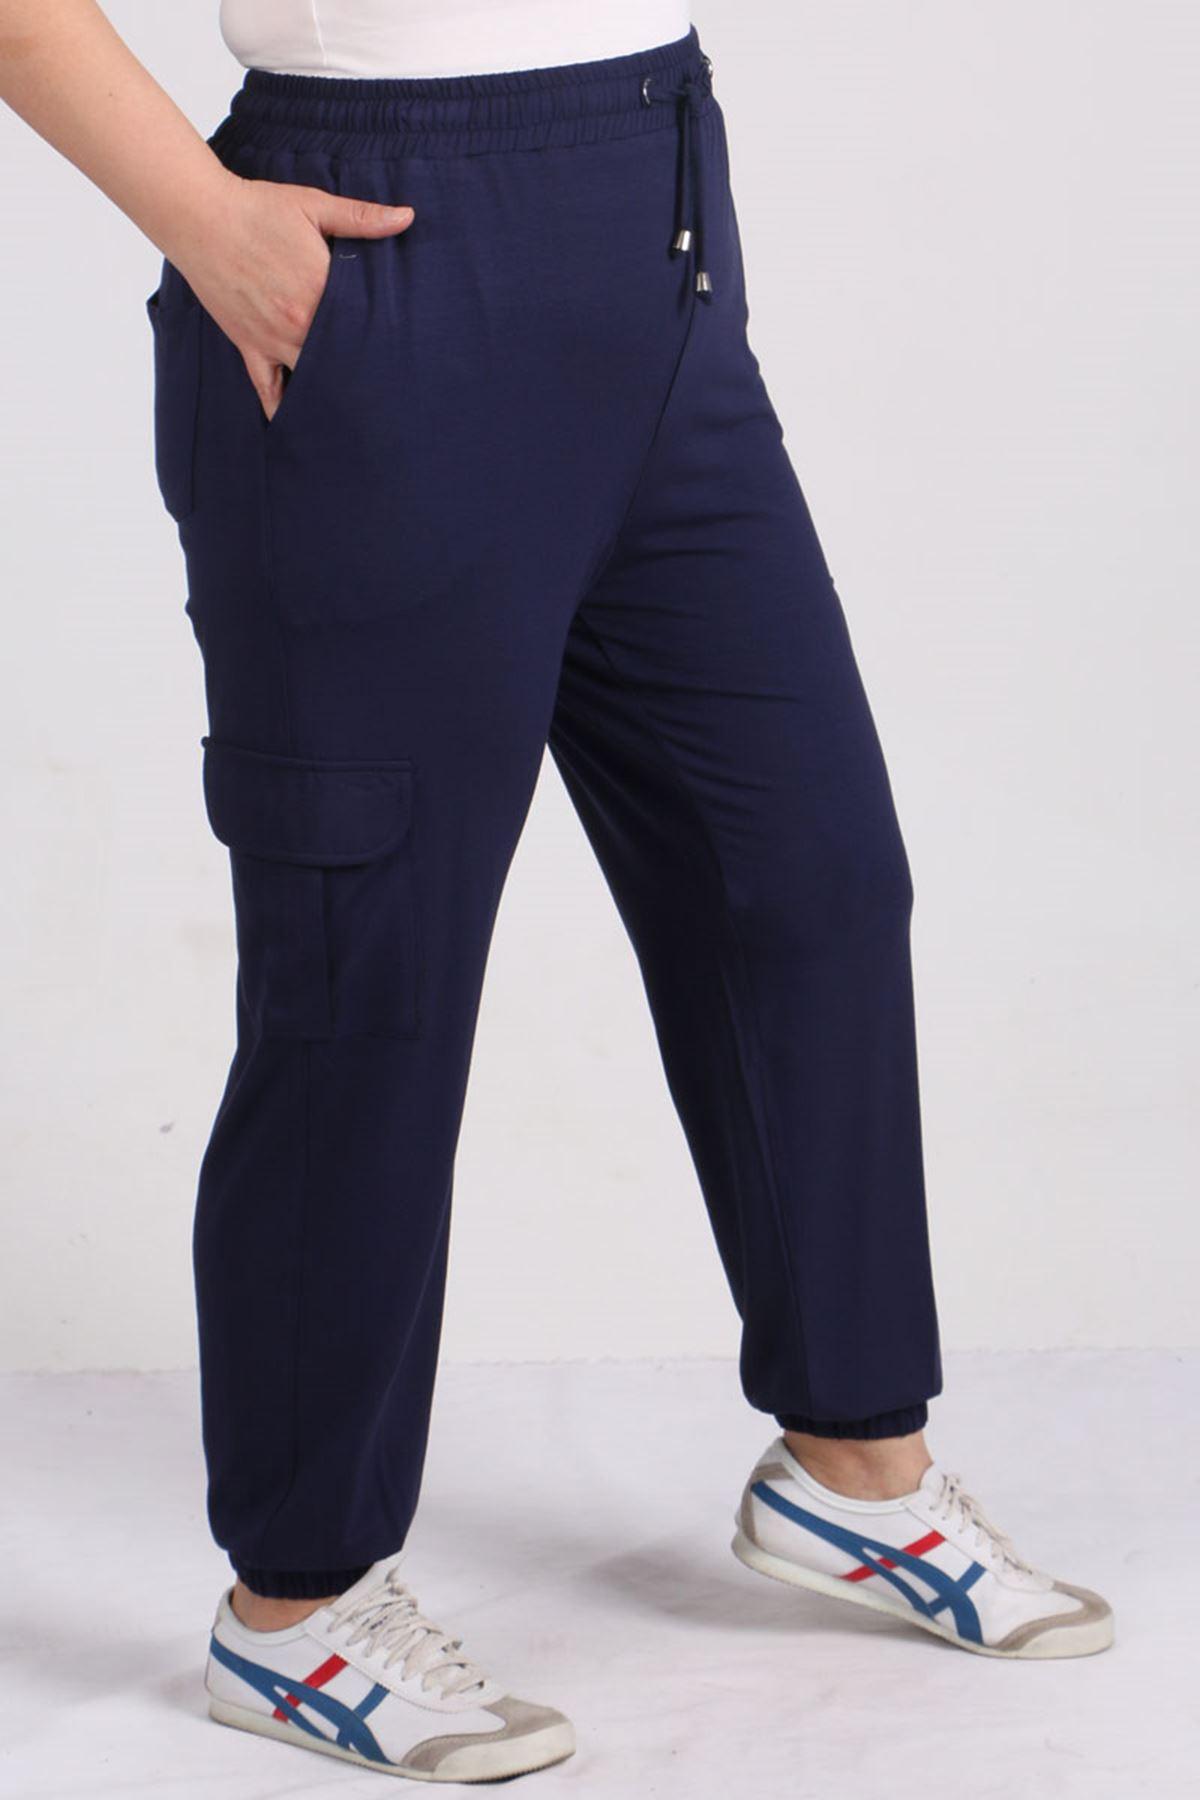 9150 Plus Size Elastic Pants - Navy blue